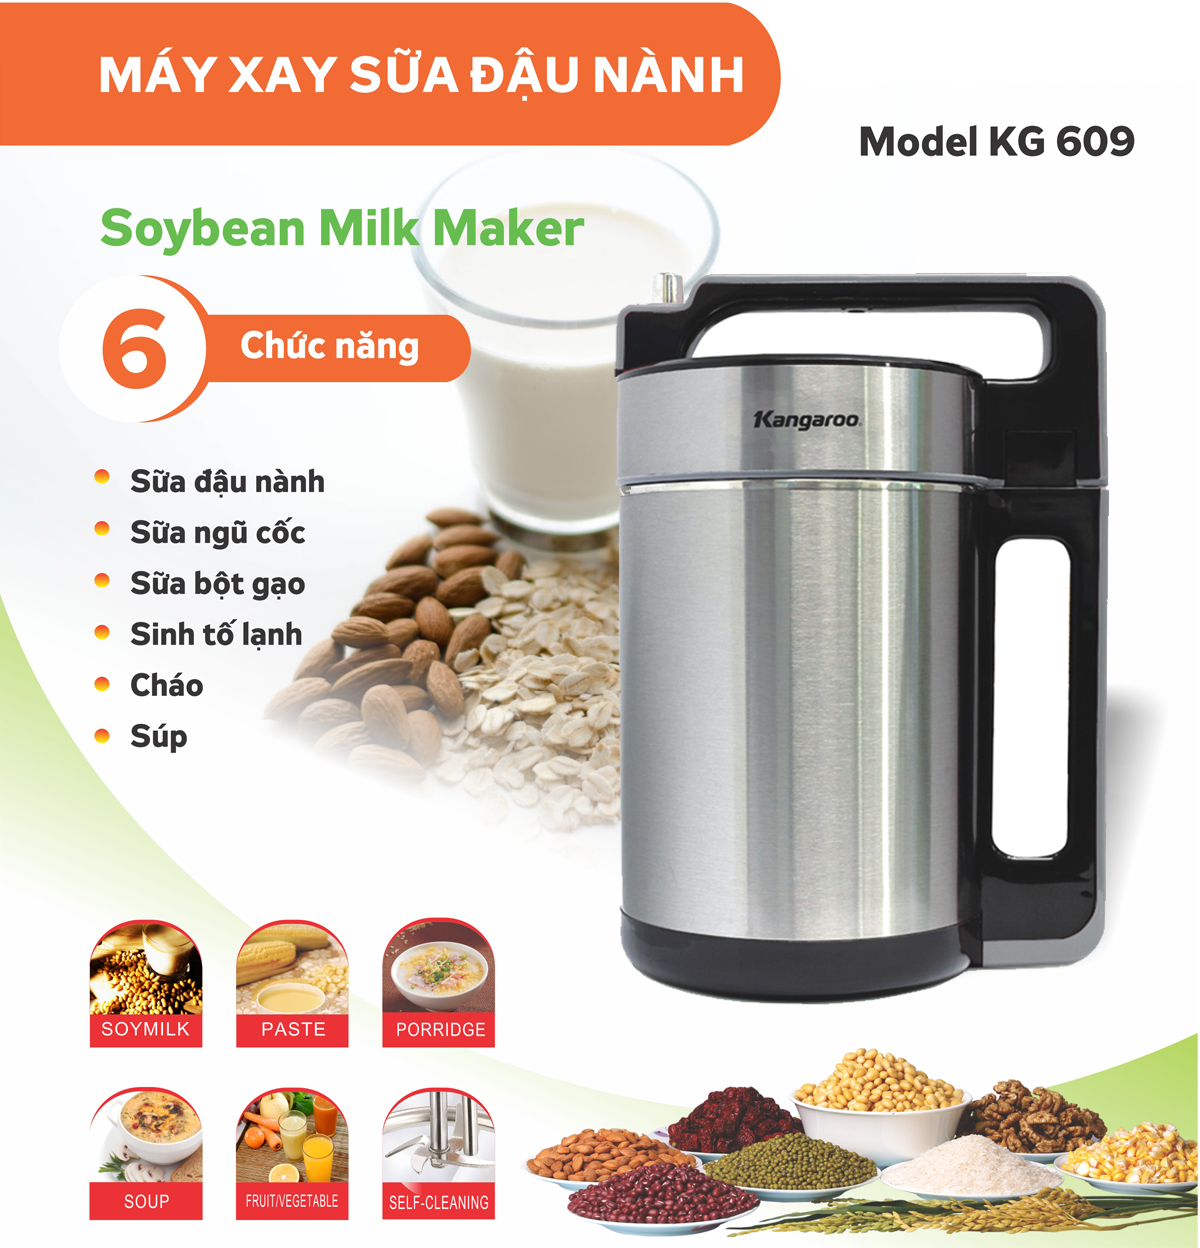 Máy xay sữa đậu nành Kangaroo KG 609